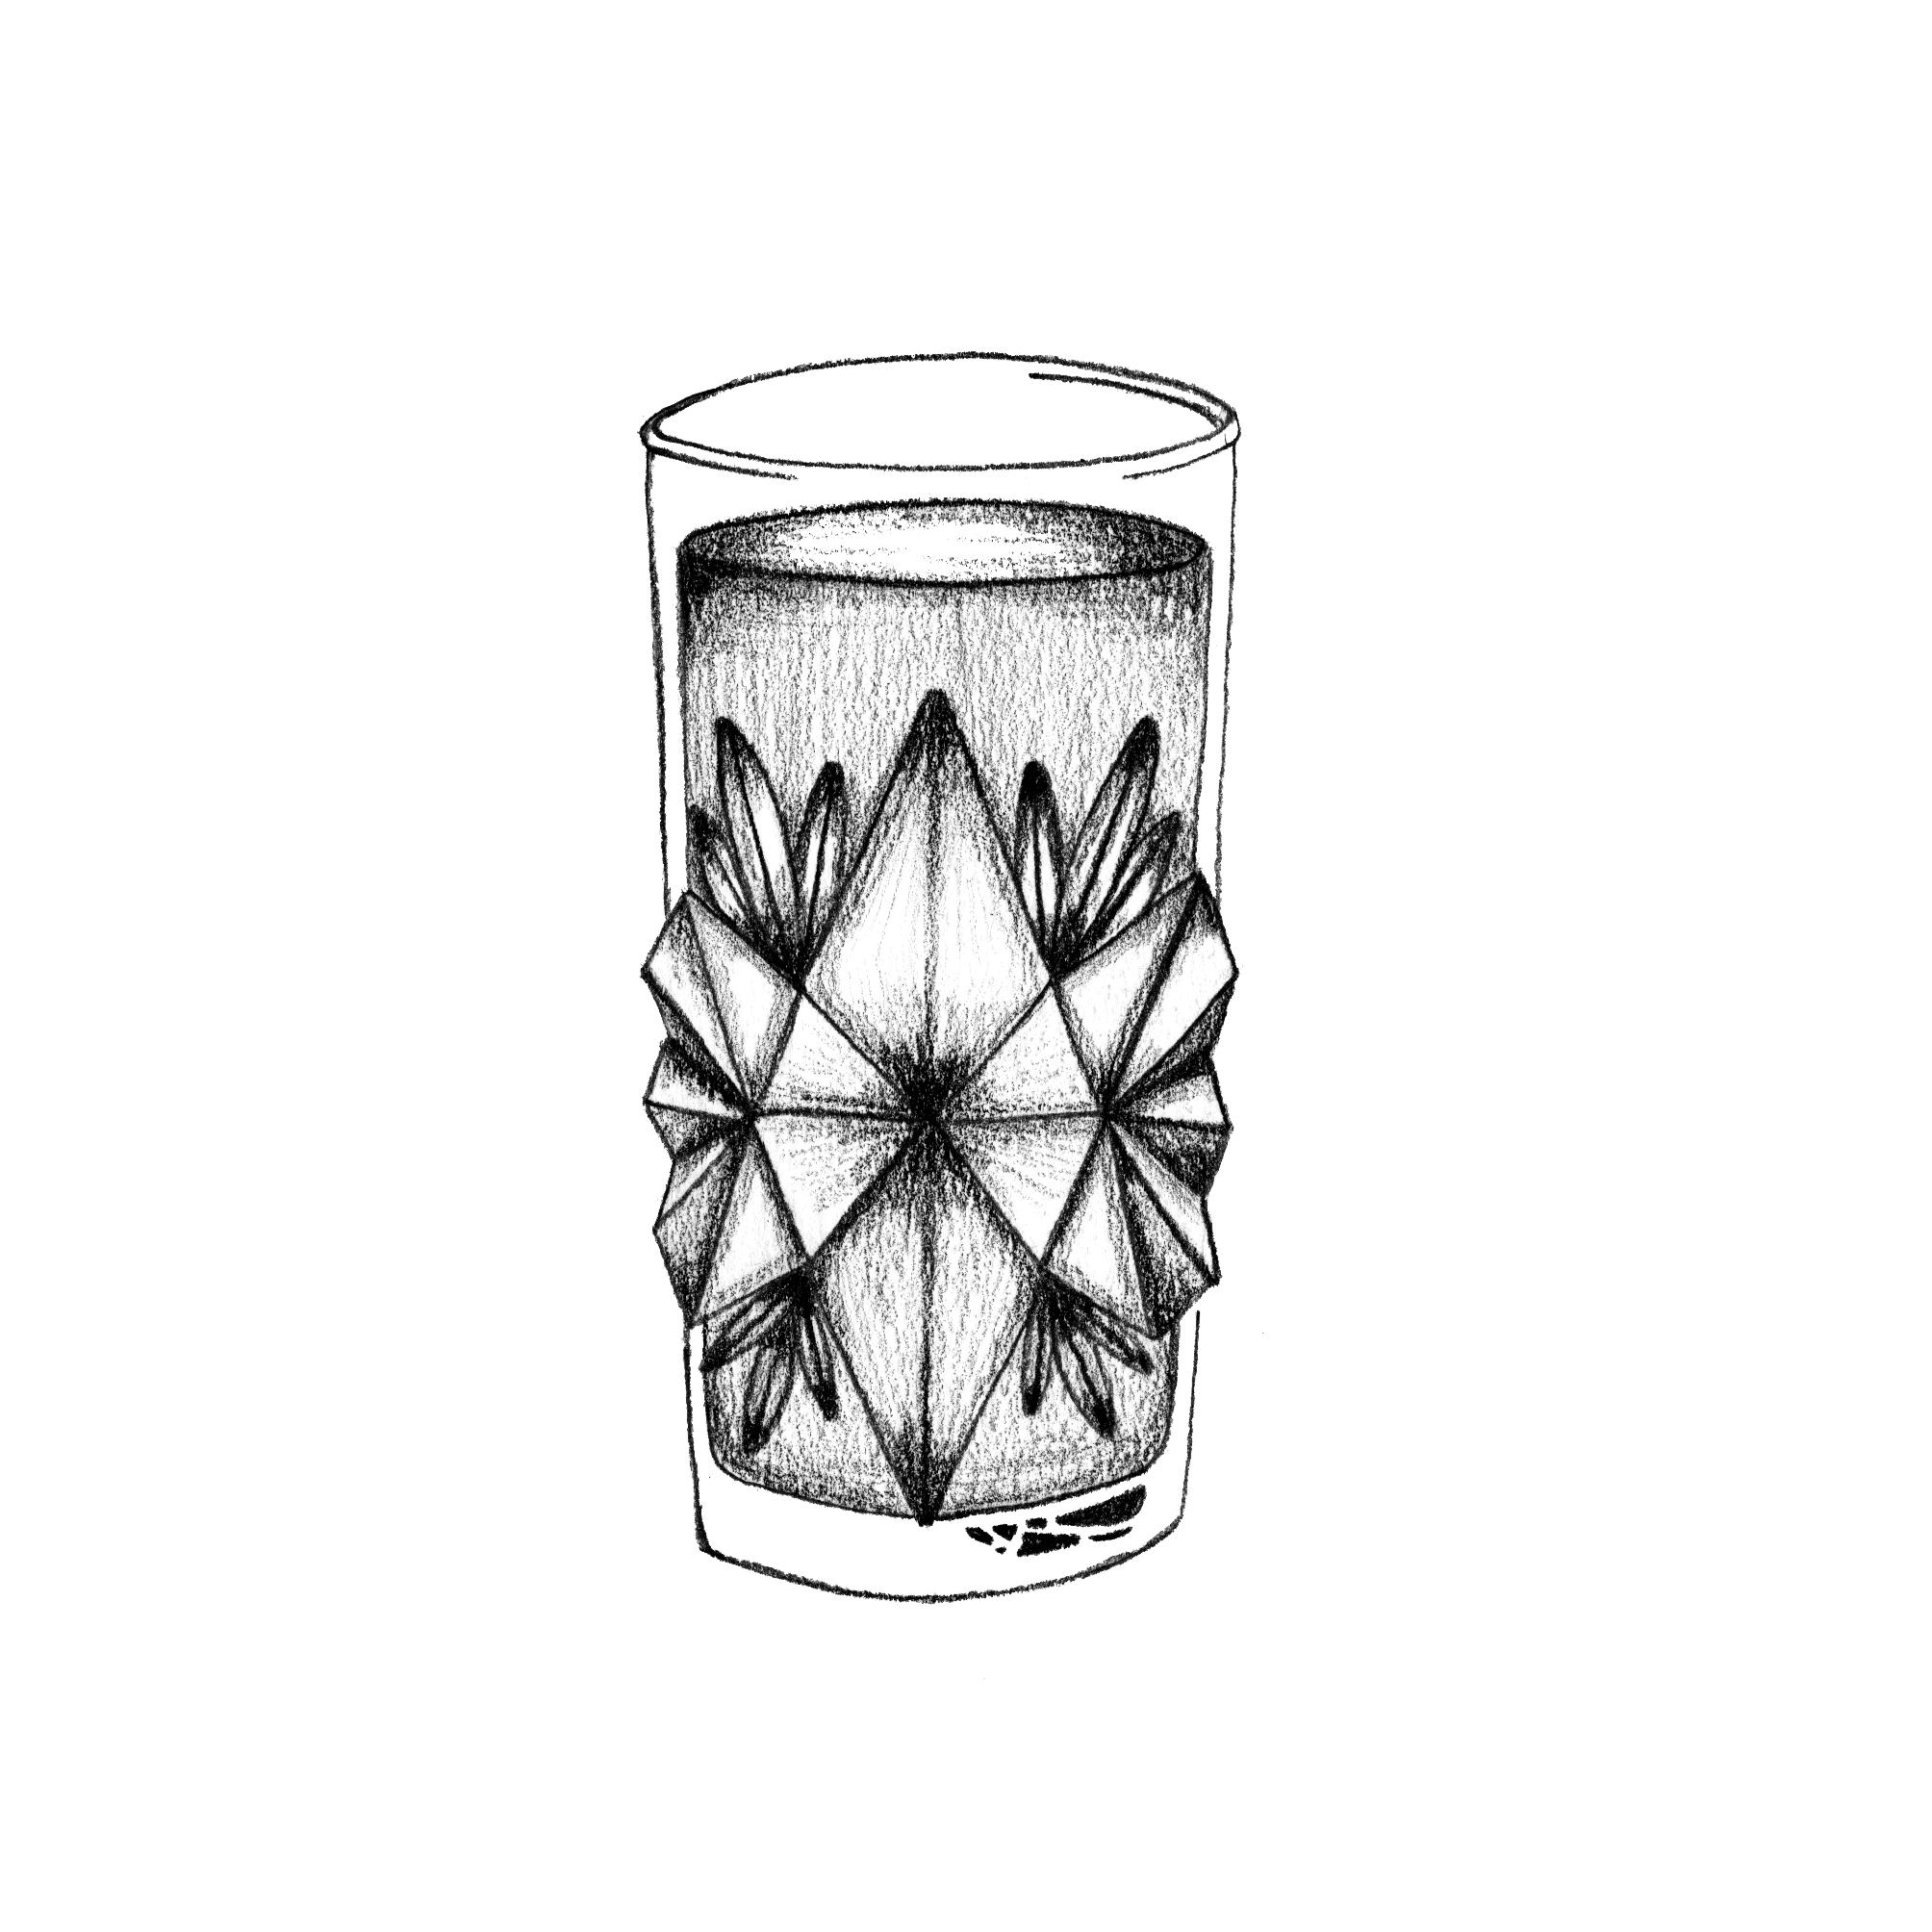 glassBIG_J.Blaha.jpg